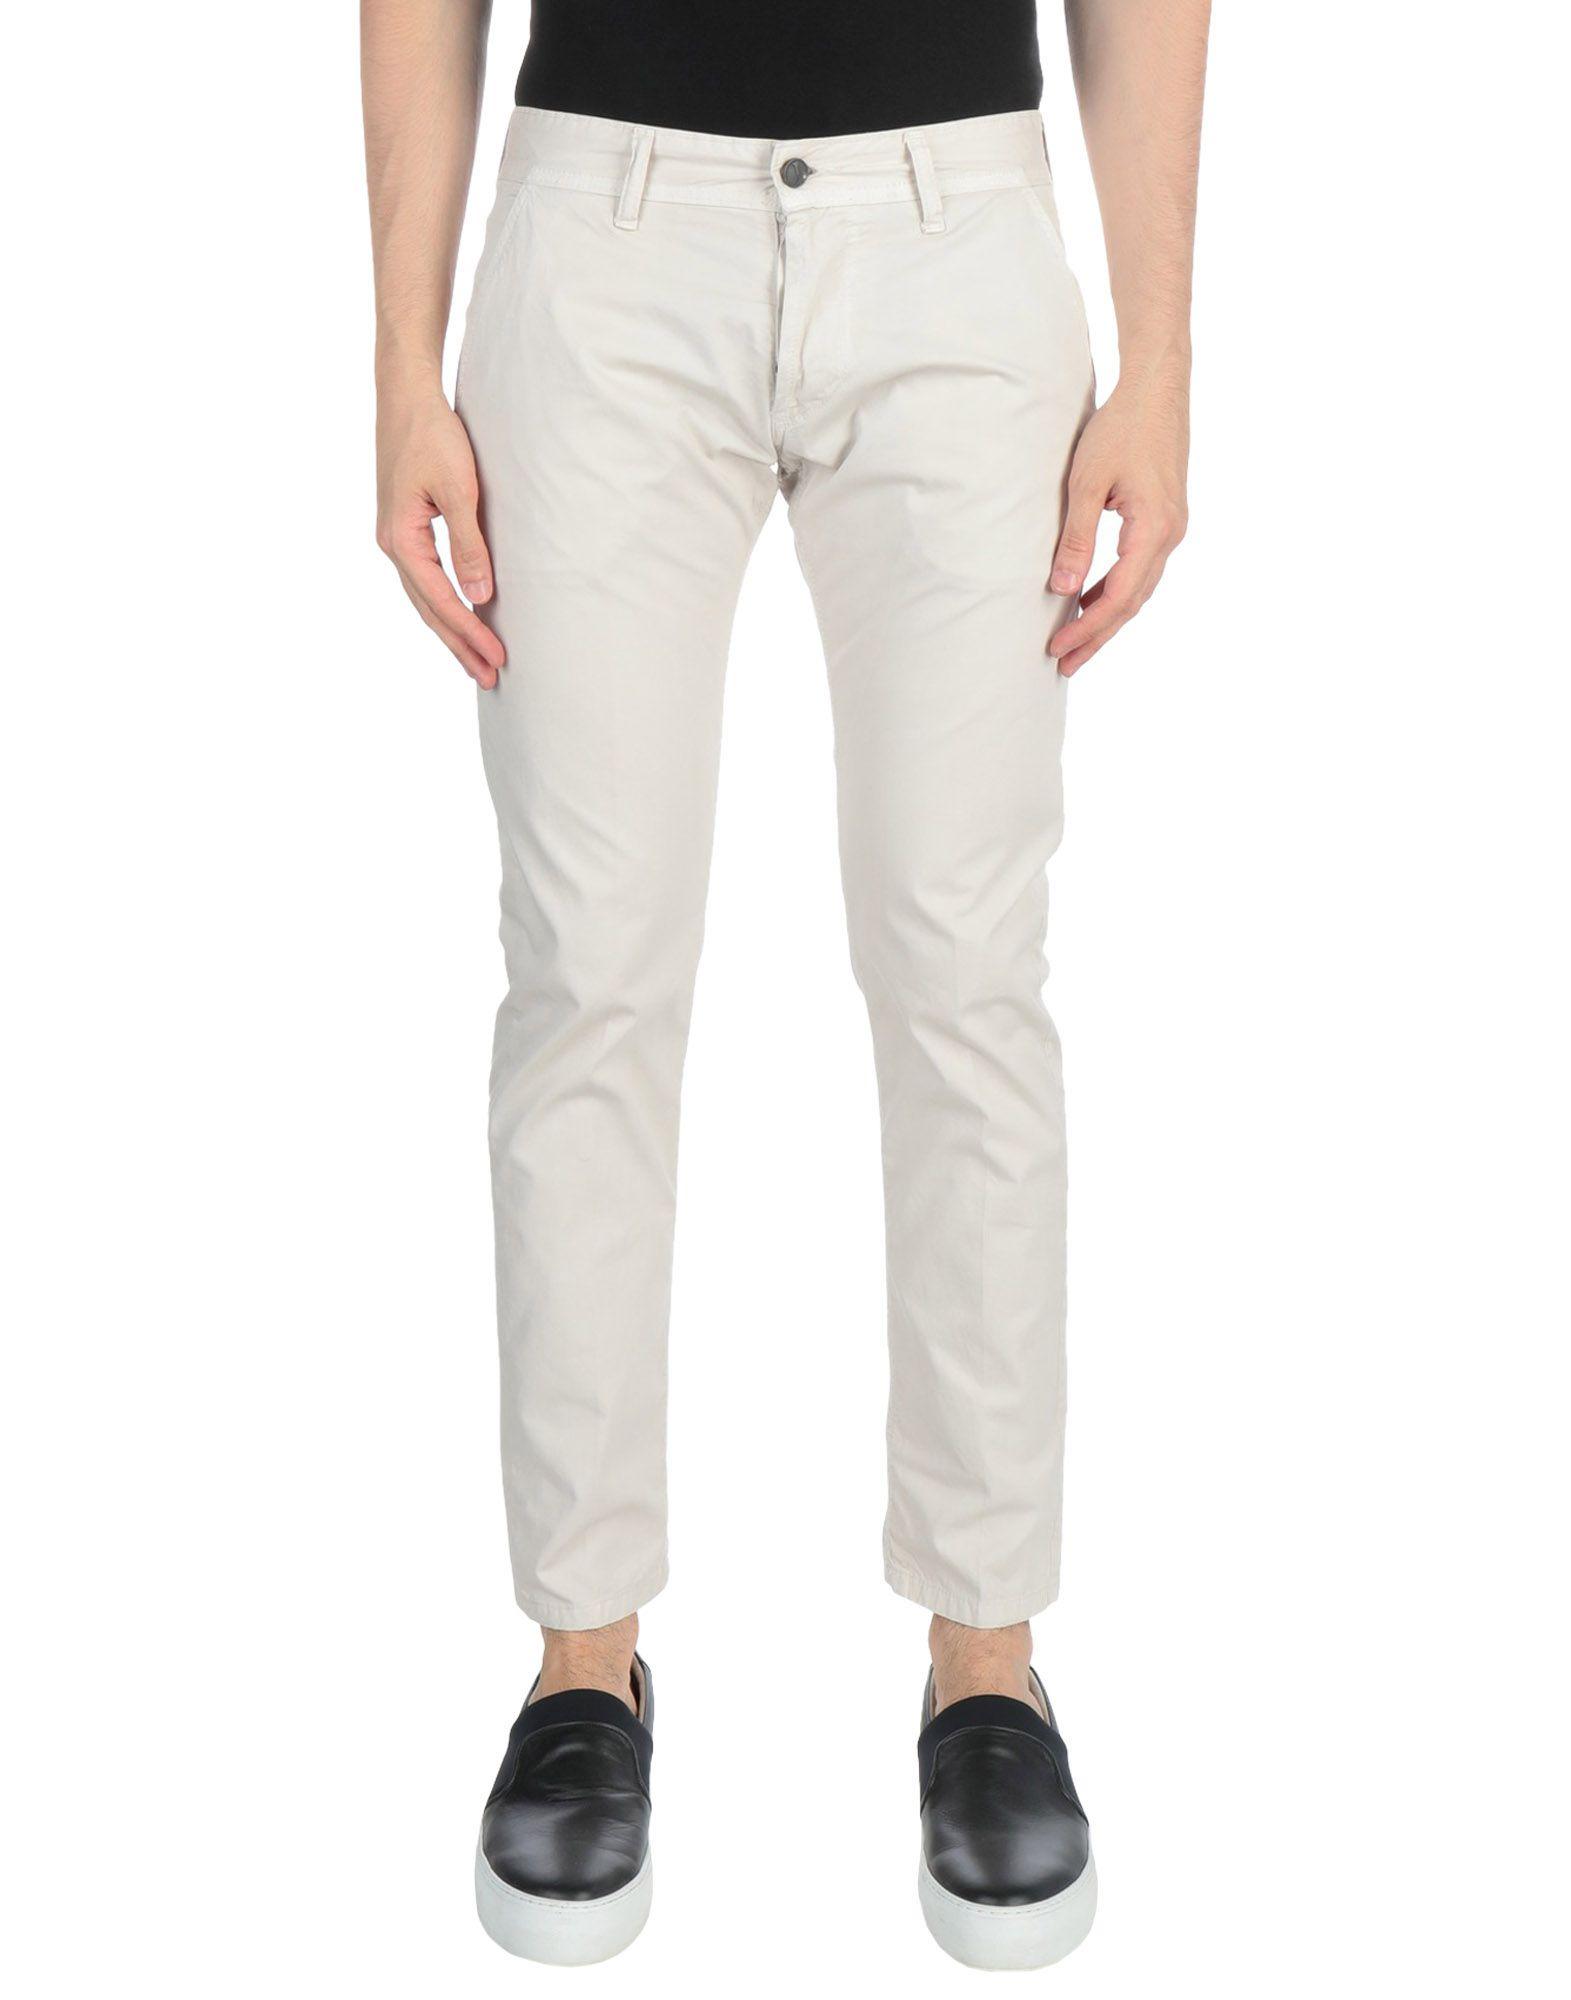 JEANSENG Повседневные брюки брюки для беременных topshop 4 22